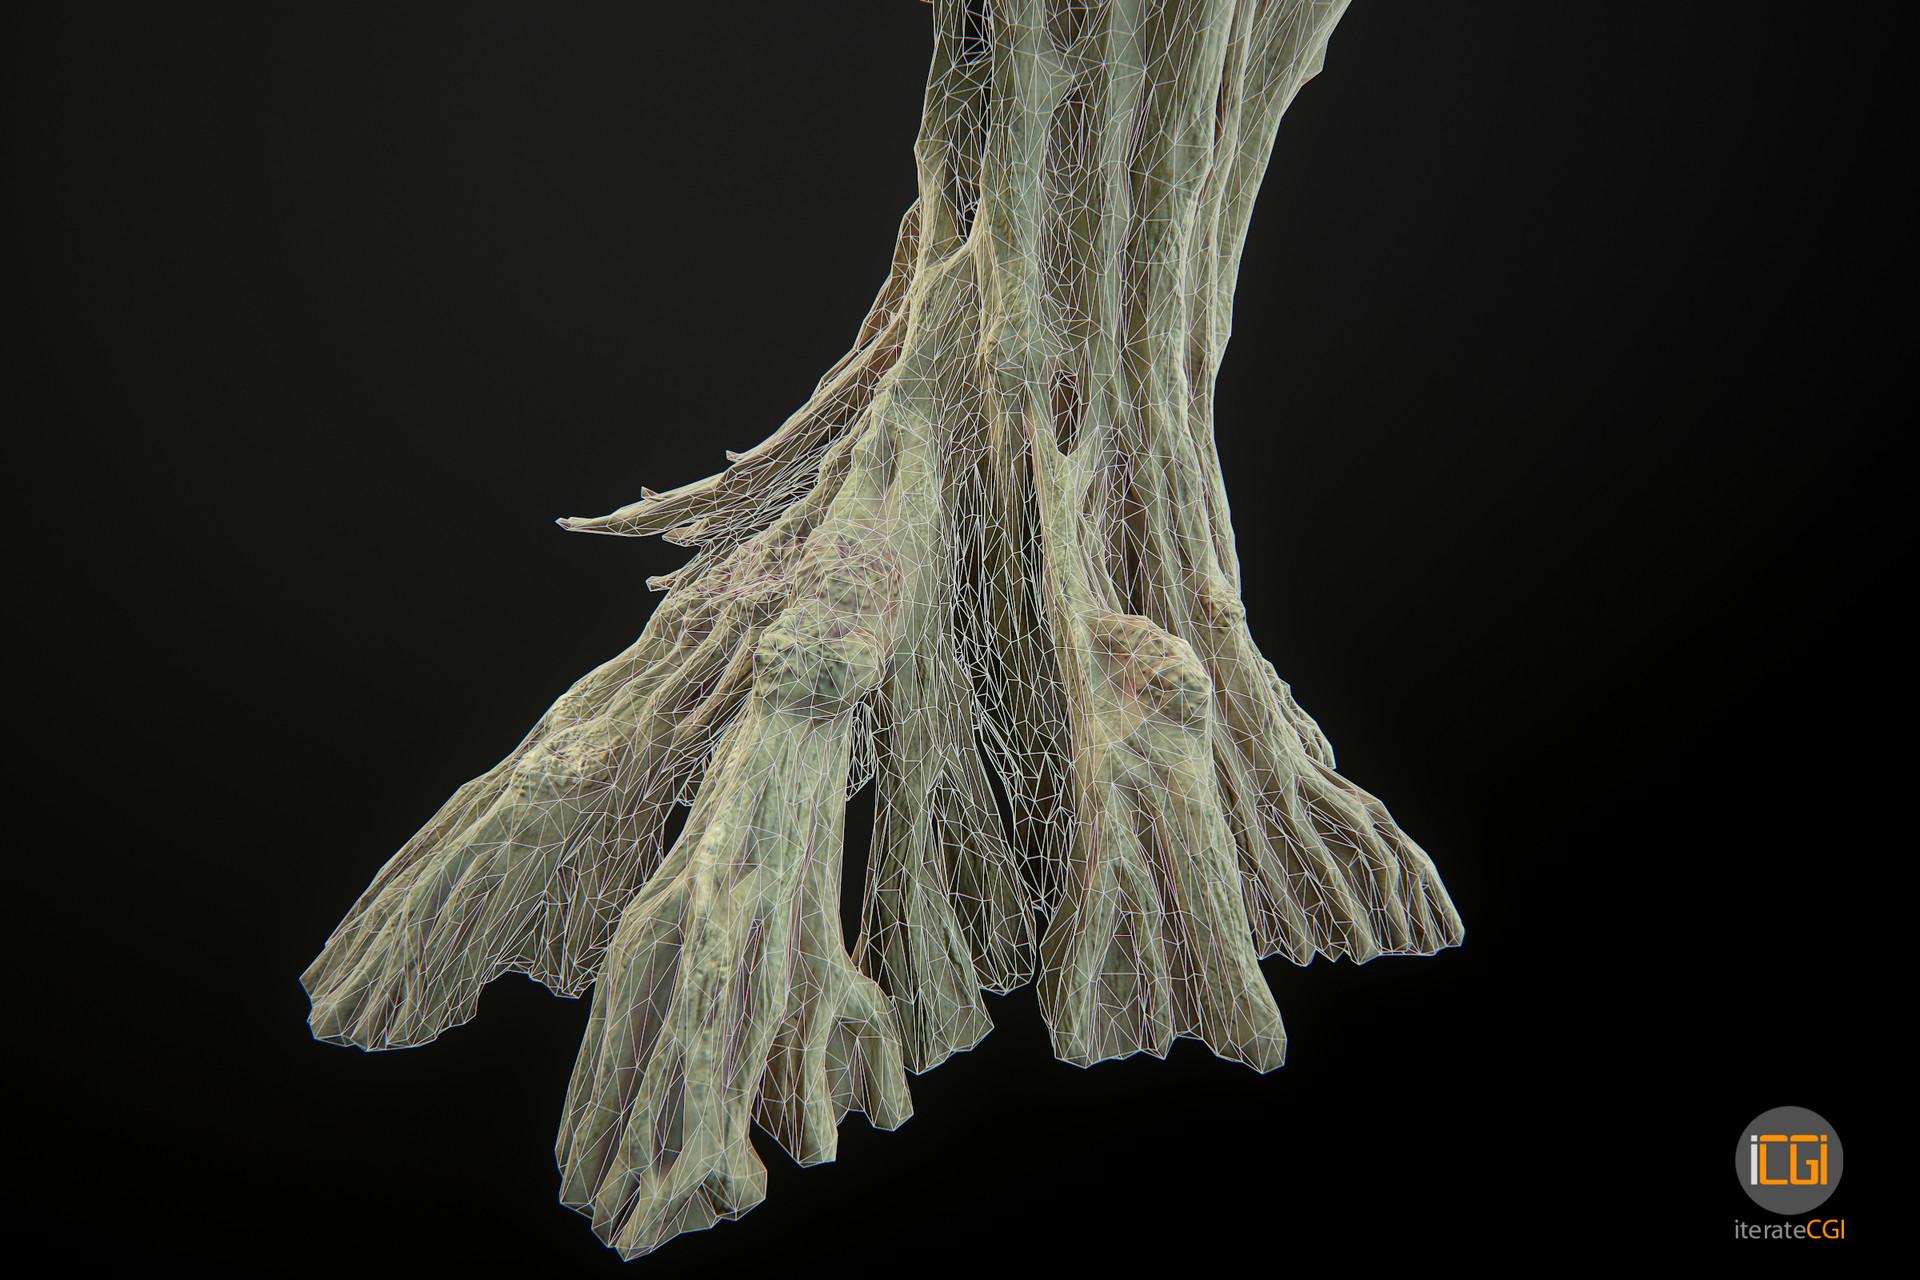 Johan de leenheer alien plant mushroom type2 14